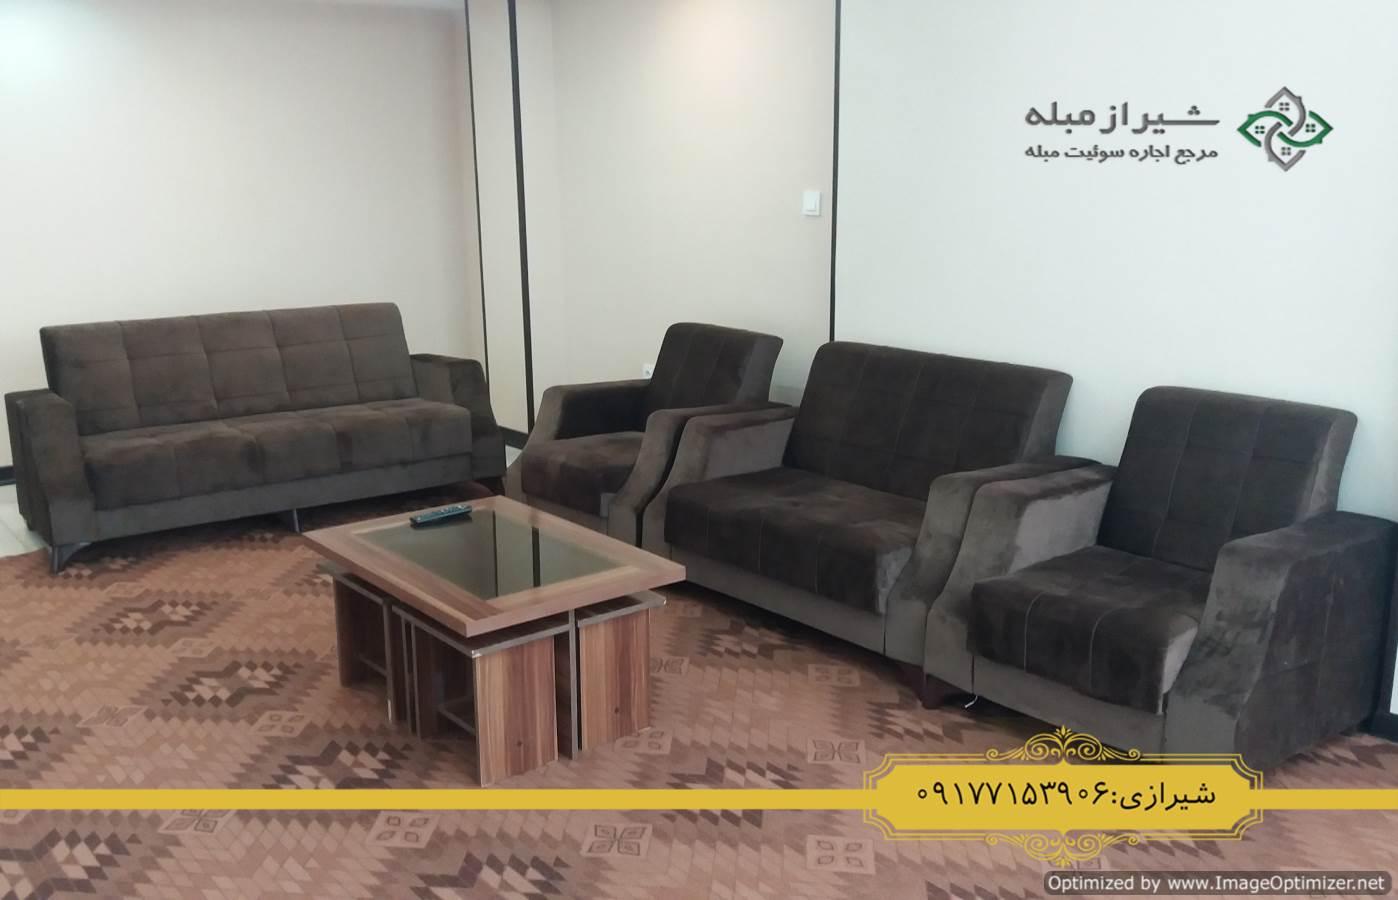 آپارتمان مبله در شیراز